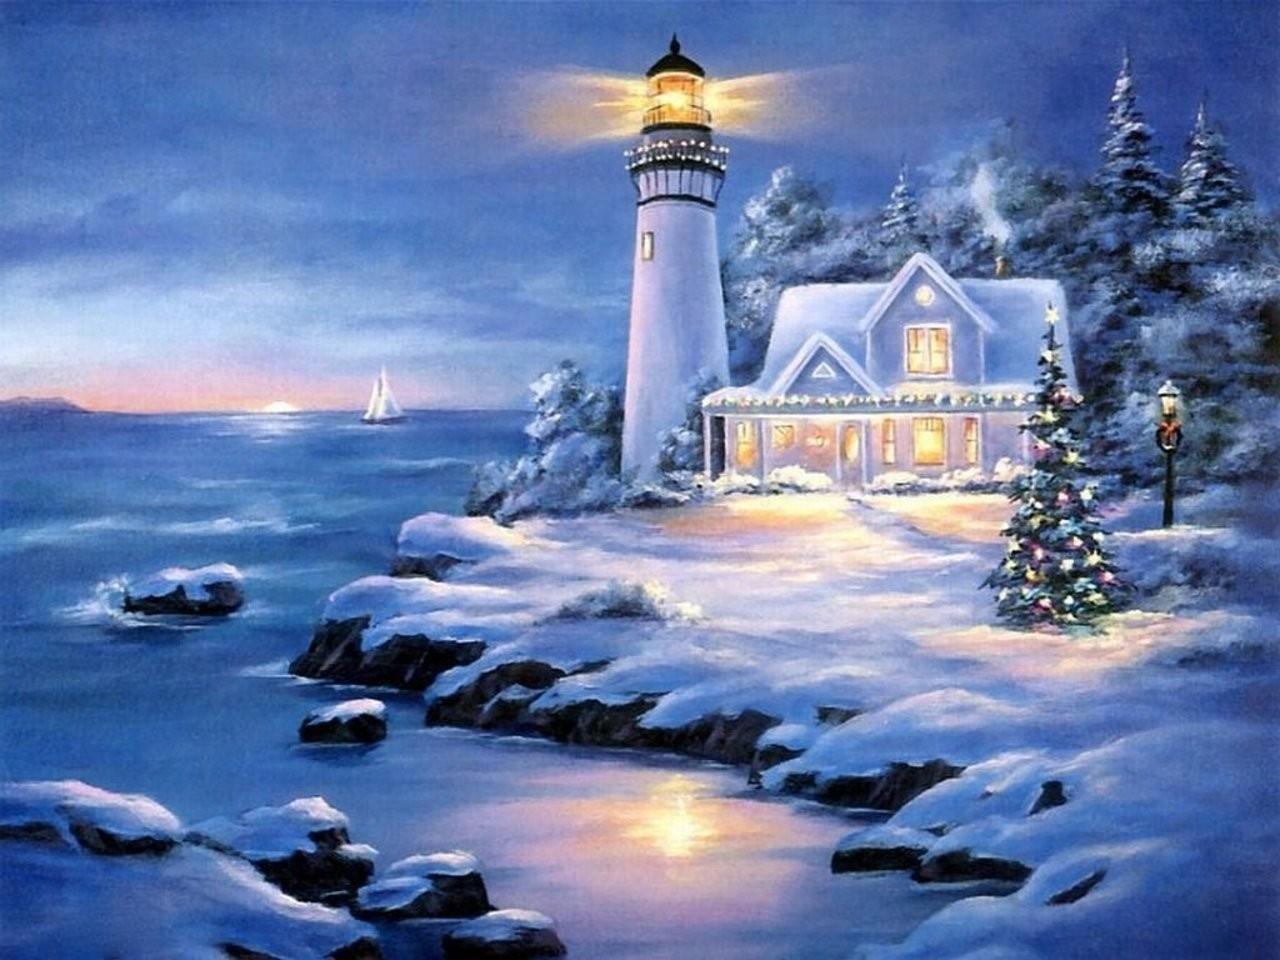 43+ Lighthouse Christmas Wallpaper on WallpaperSafari